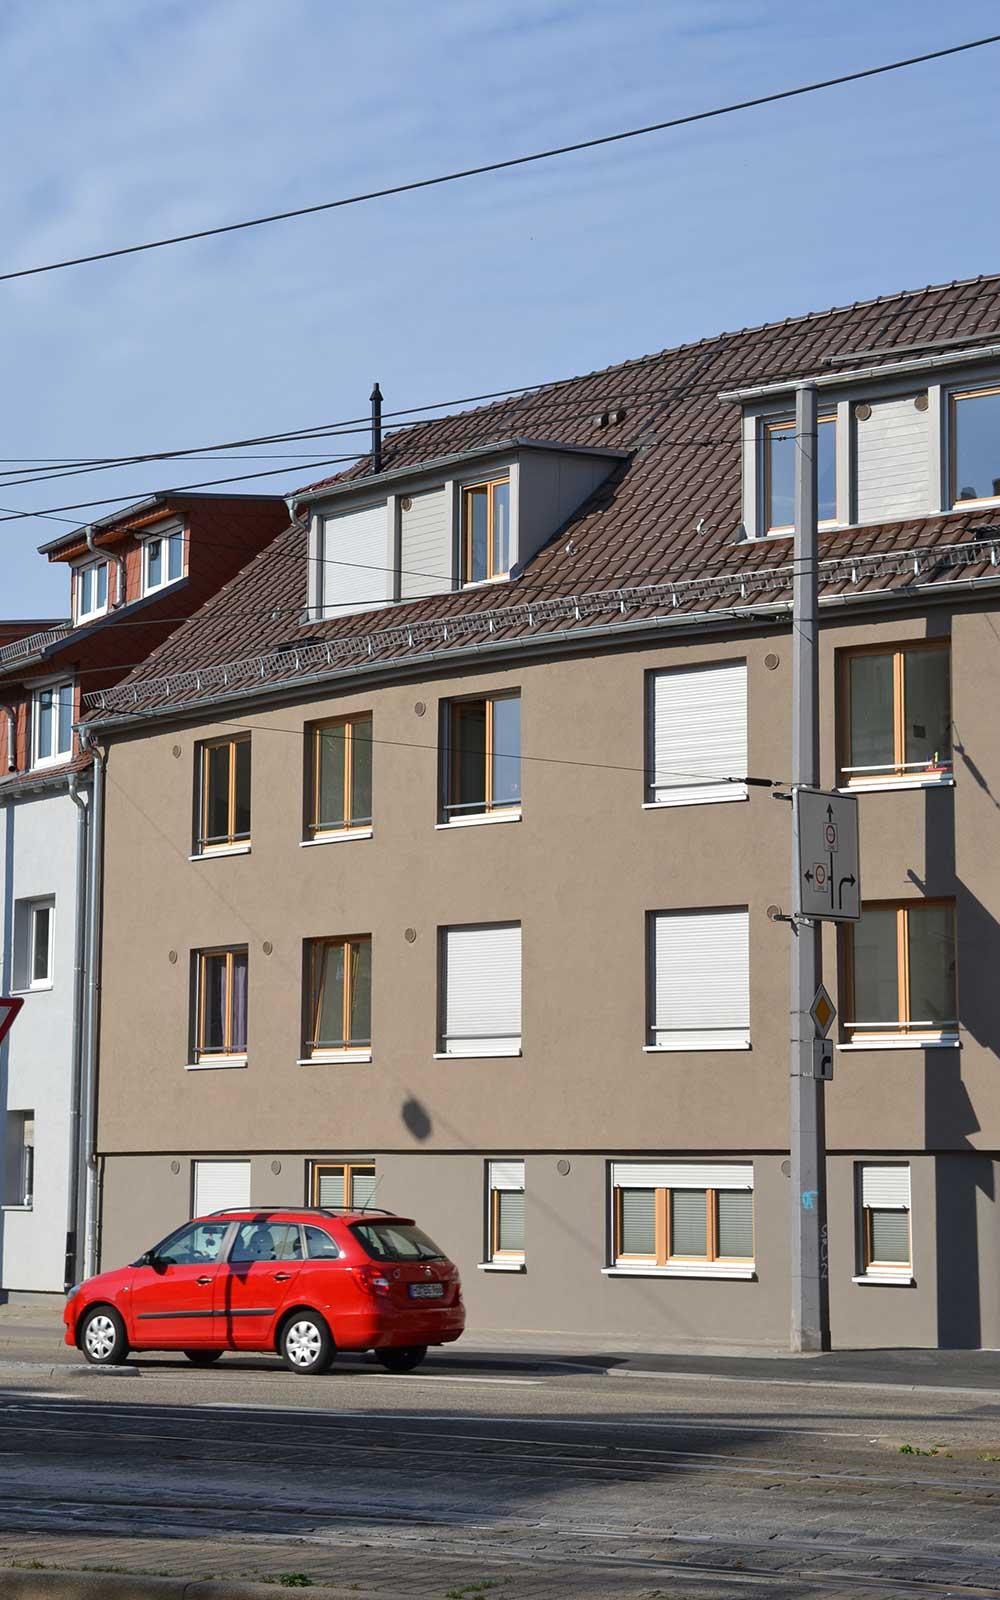 Hans Thoma Wohnheim, Kochhan und Weckbach Architekturbüro Heidelberg